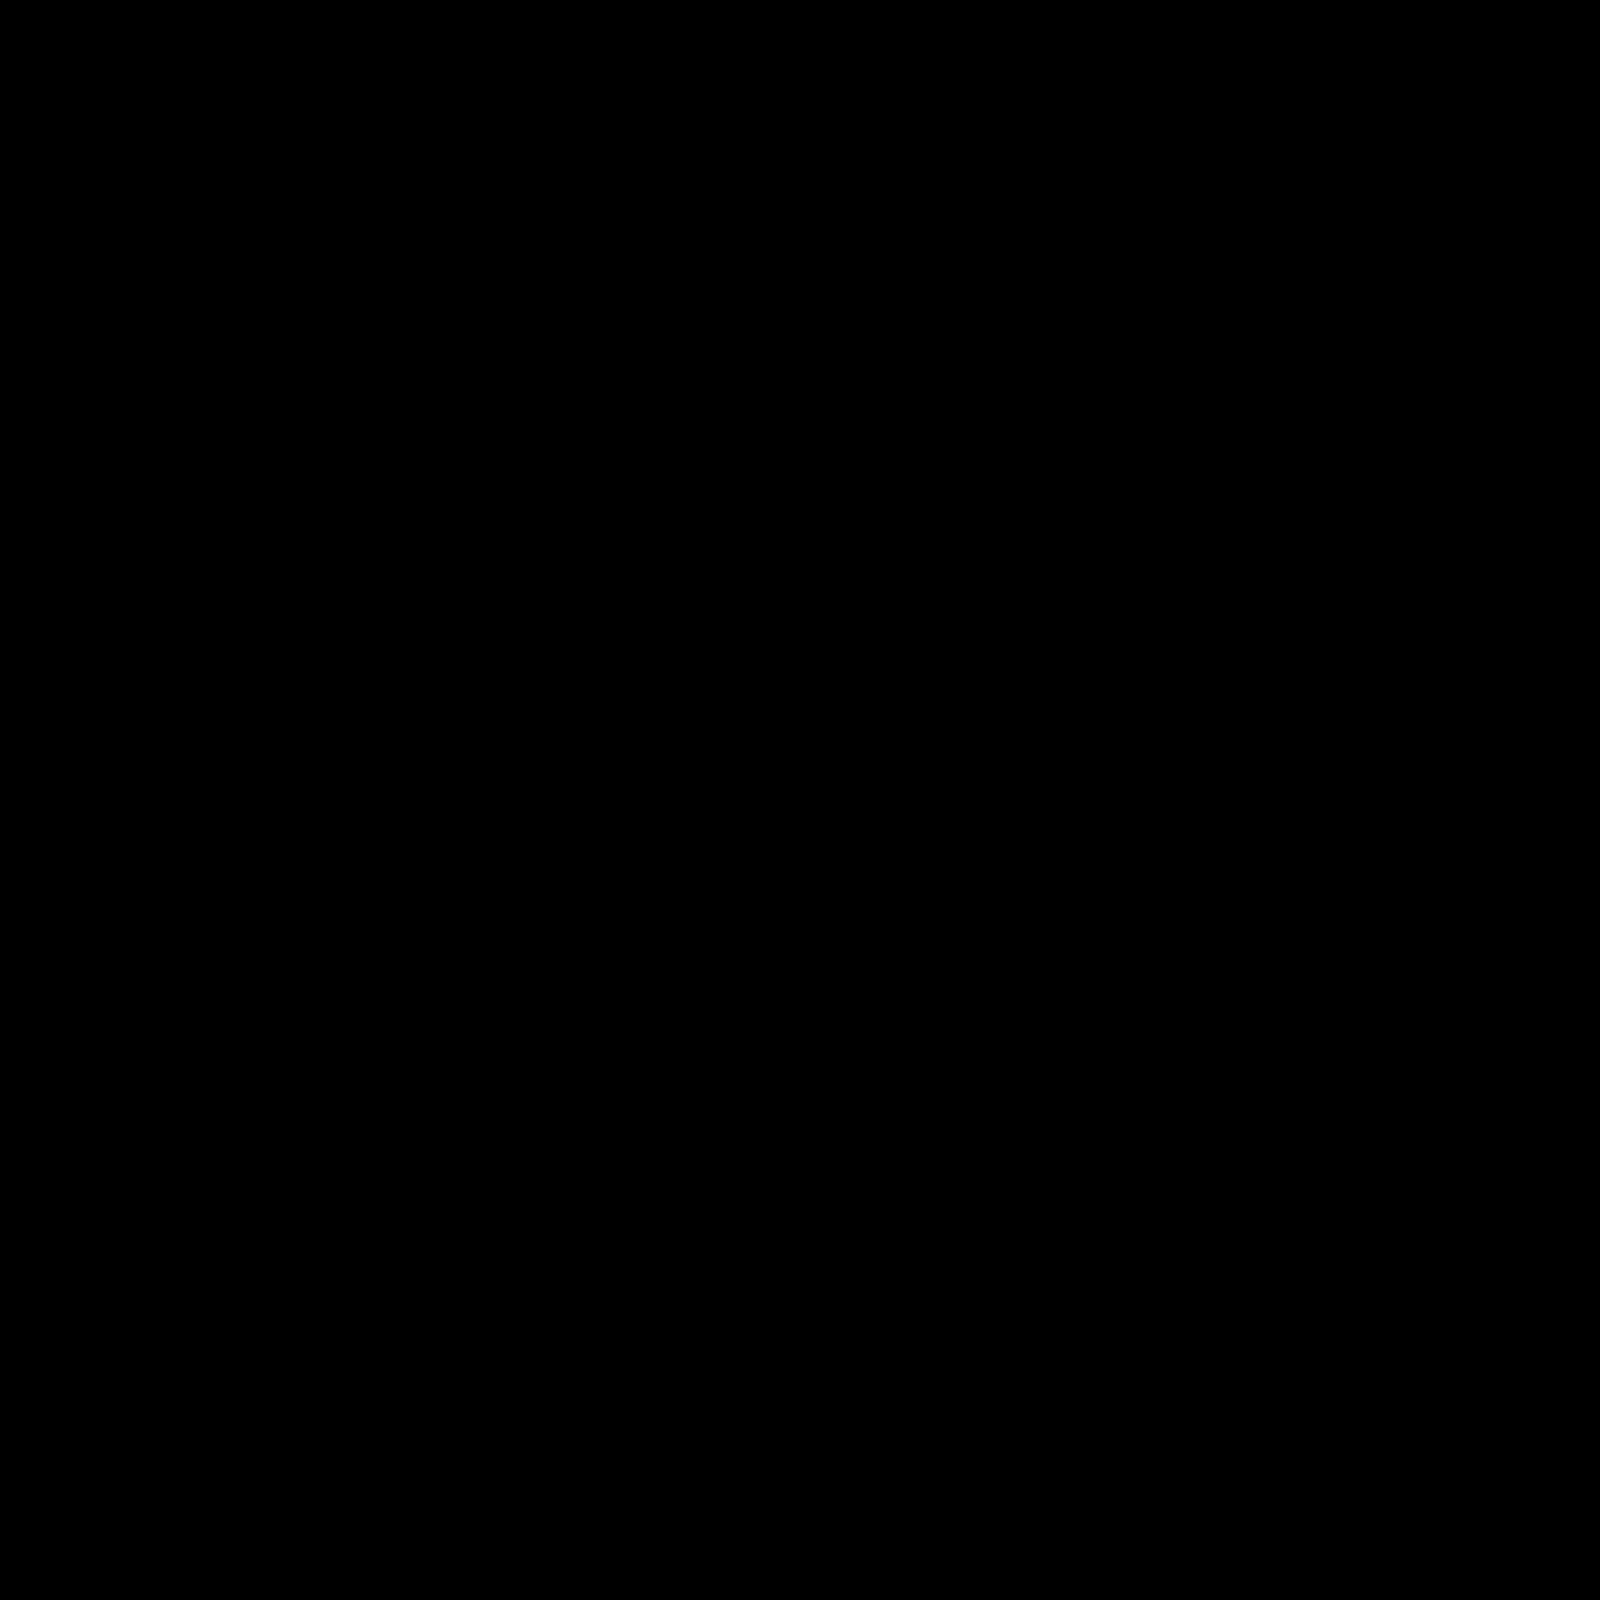 1600x1600 Hand Cursor Icon